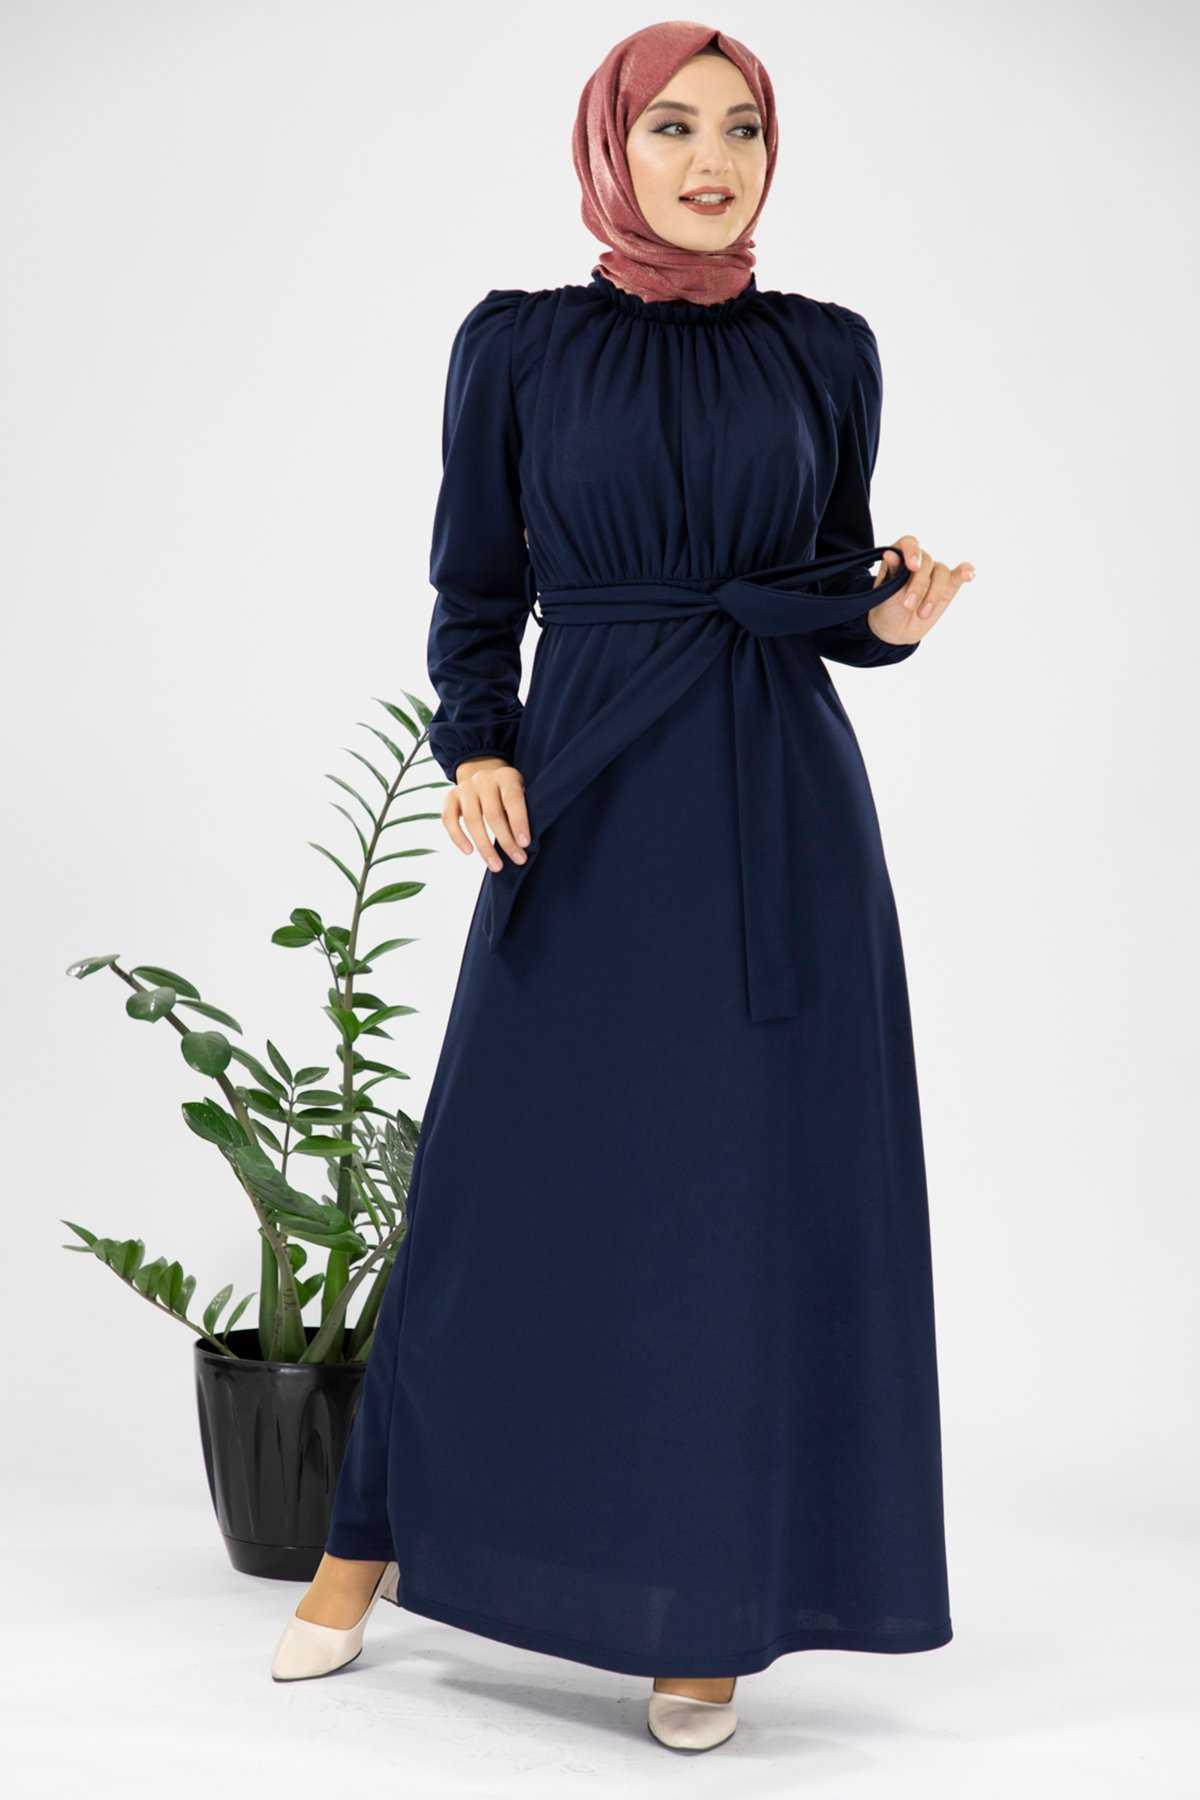 Modanoiva Büzgülü Tesettür Elbise Modelleri